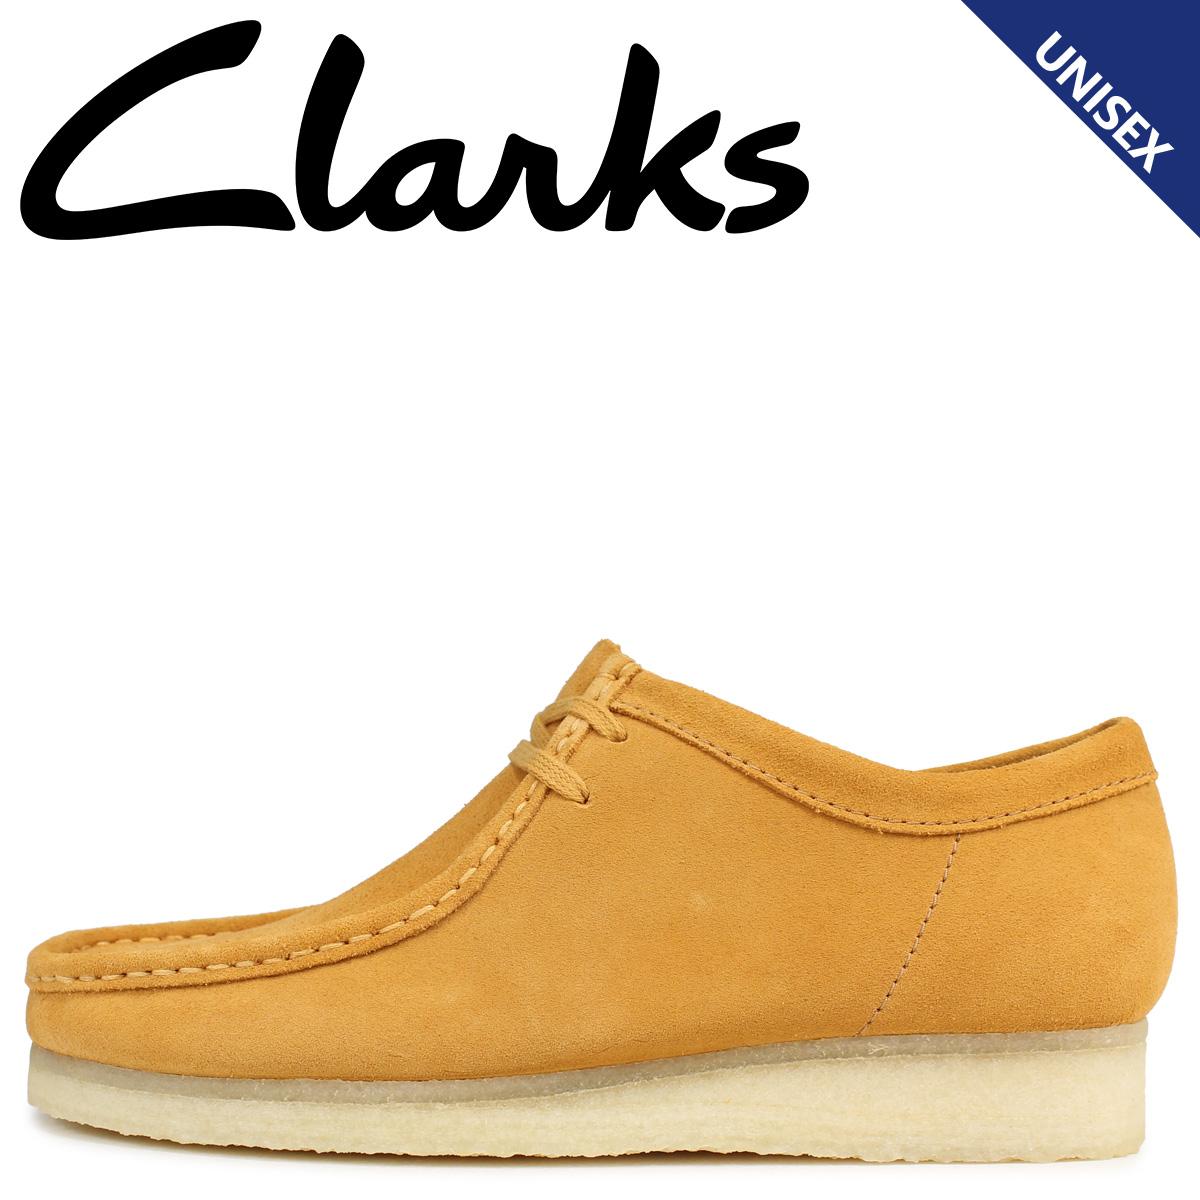 Clarks クラークス ワラビー ブーツ メンズ レディース WALLABEE スエード ブラウン 26139179